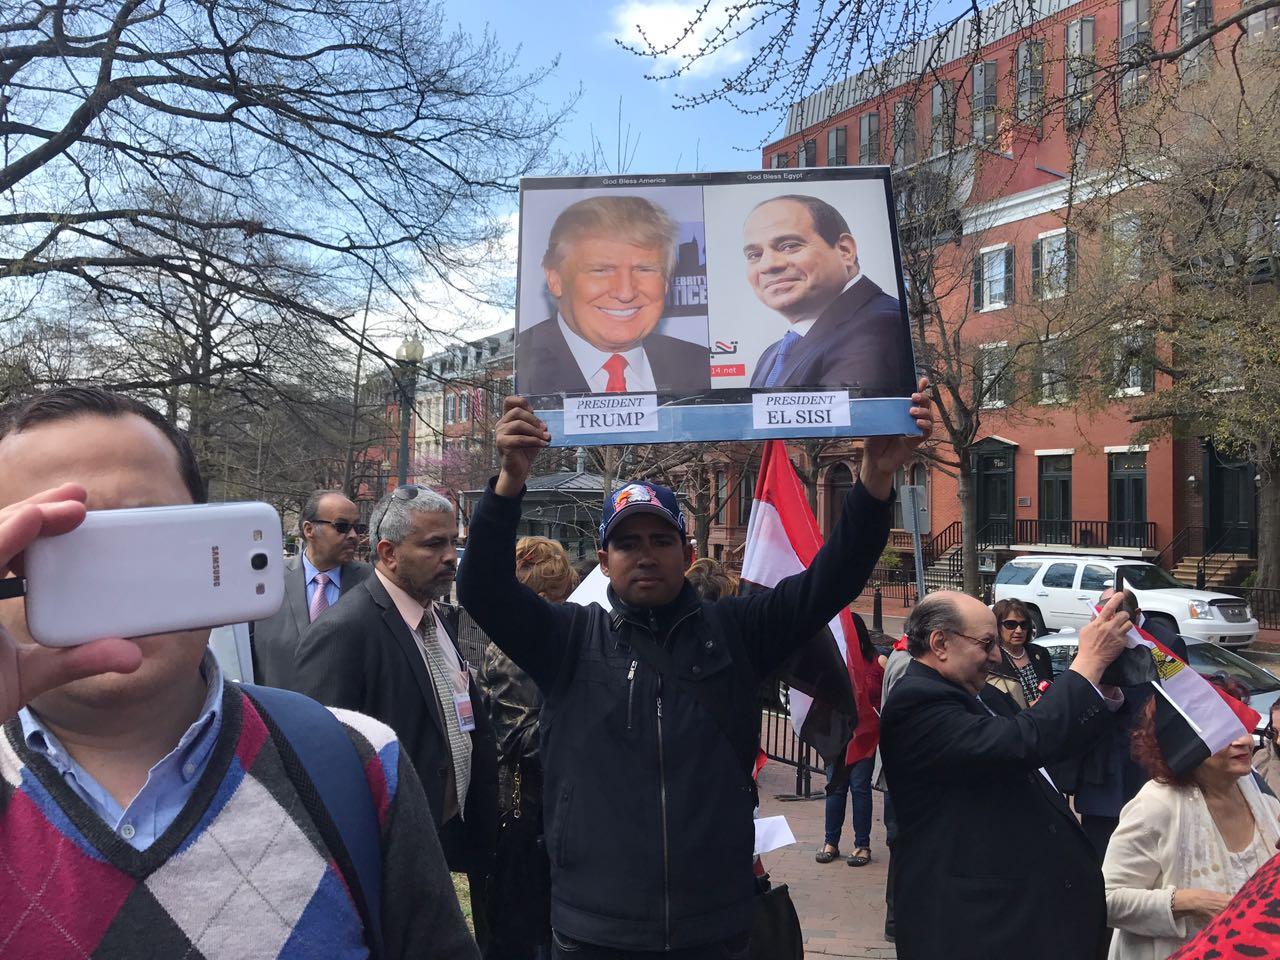 صور الرئيس السيسي ونظيره الأمريكي ترامب